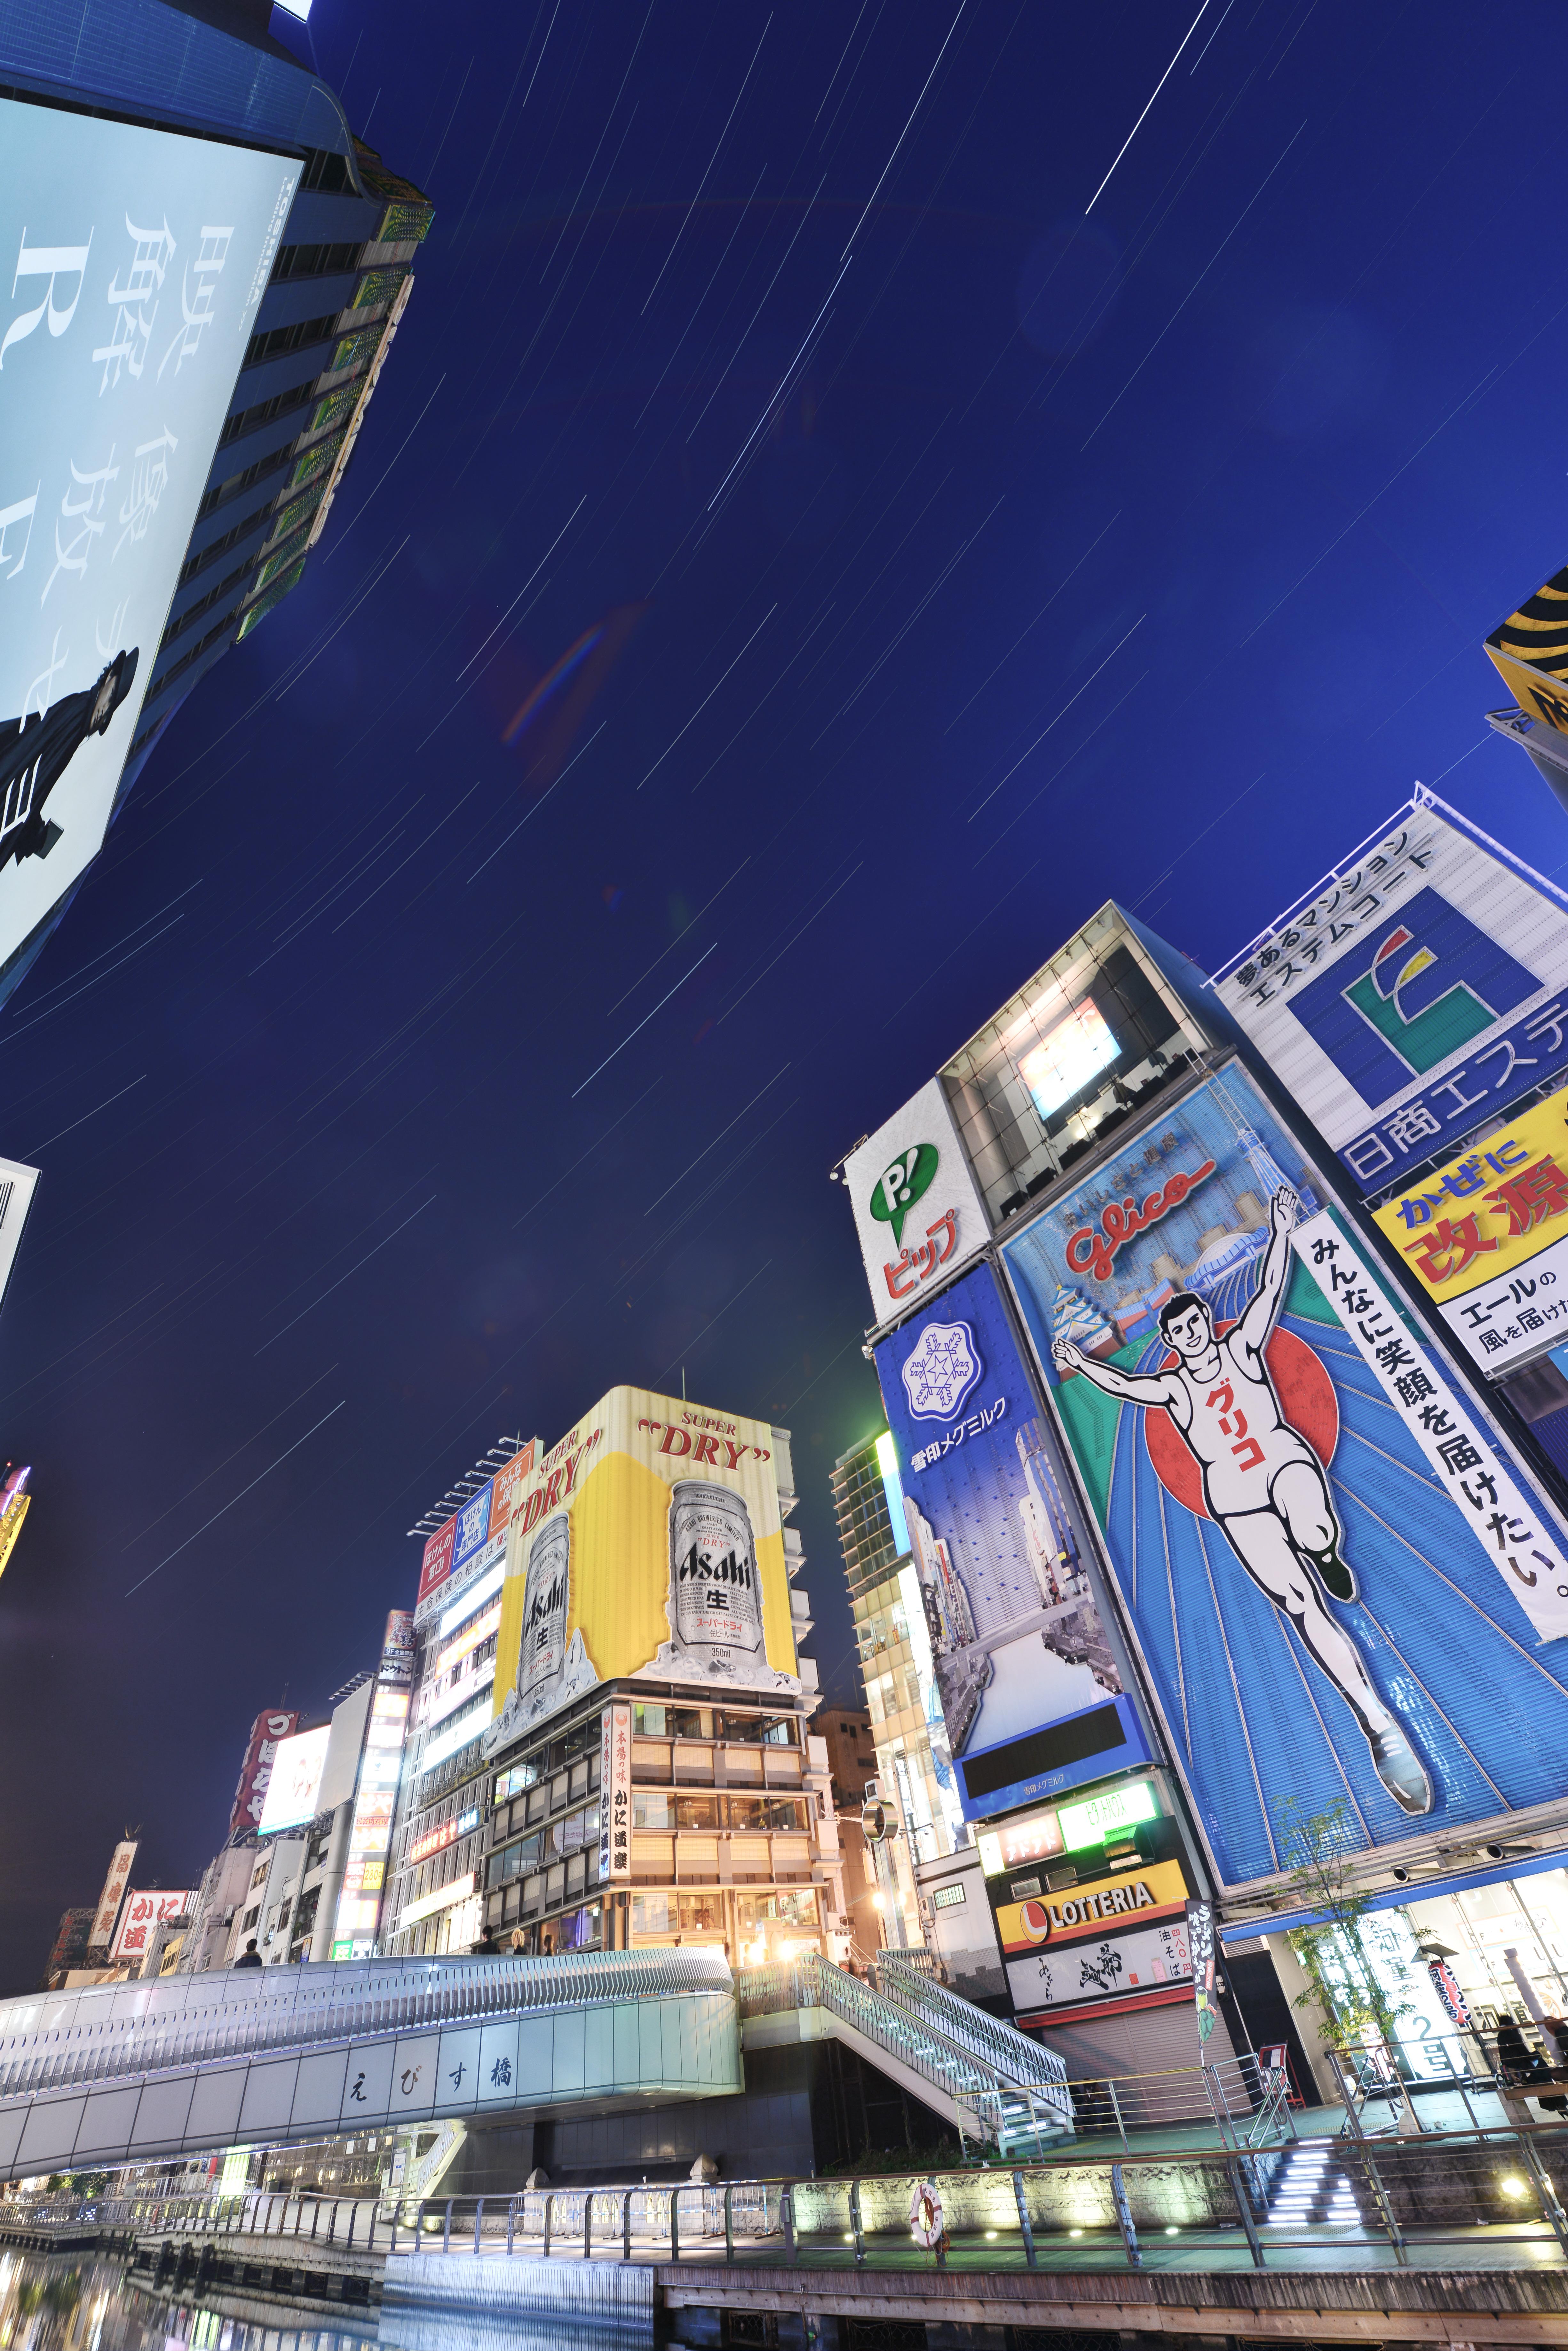 【道頓堀・戎橋】撮影地▶︎大阪市中央区